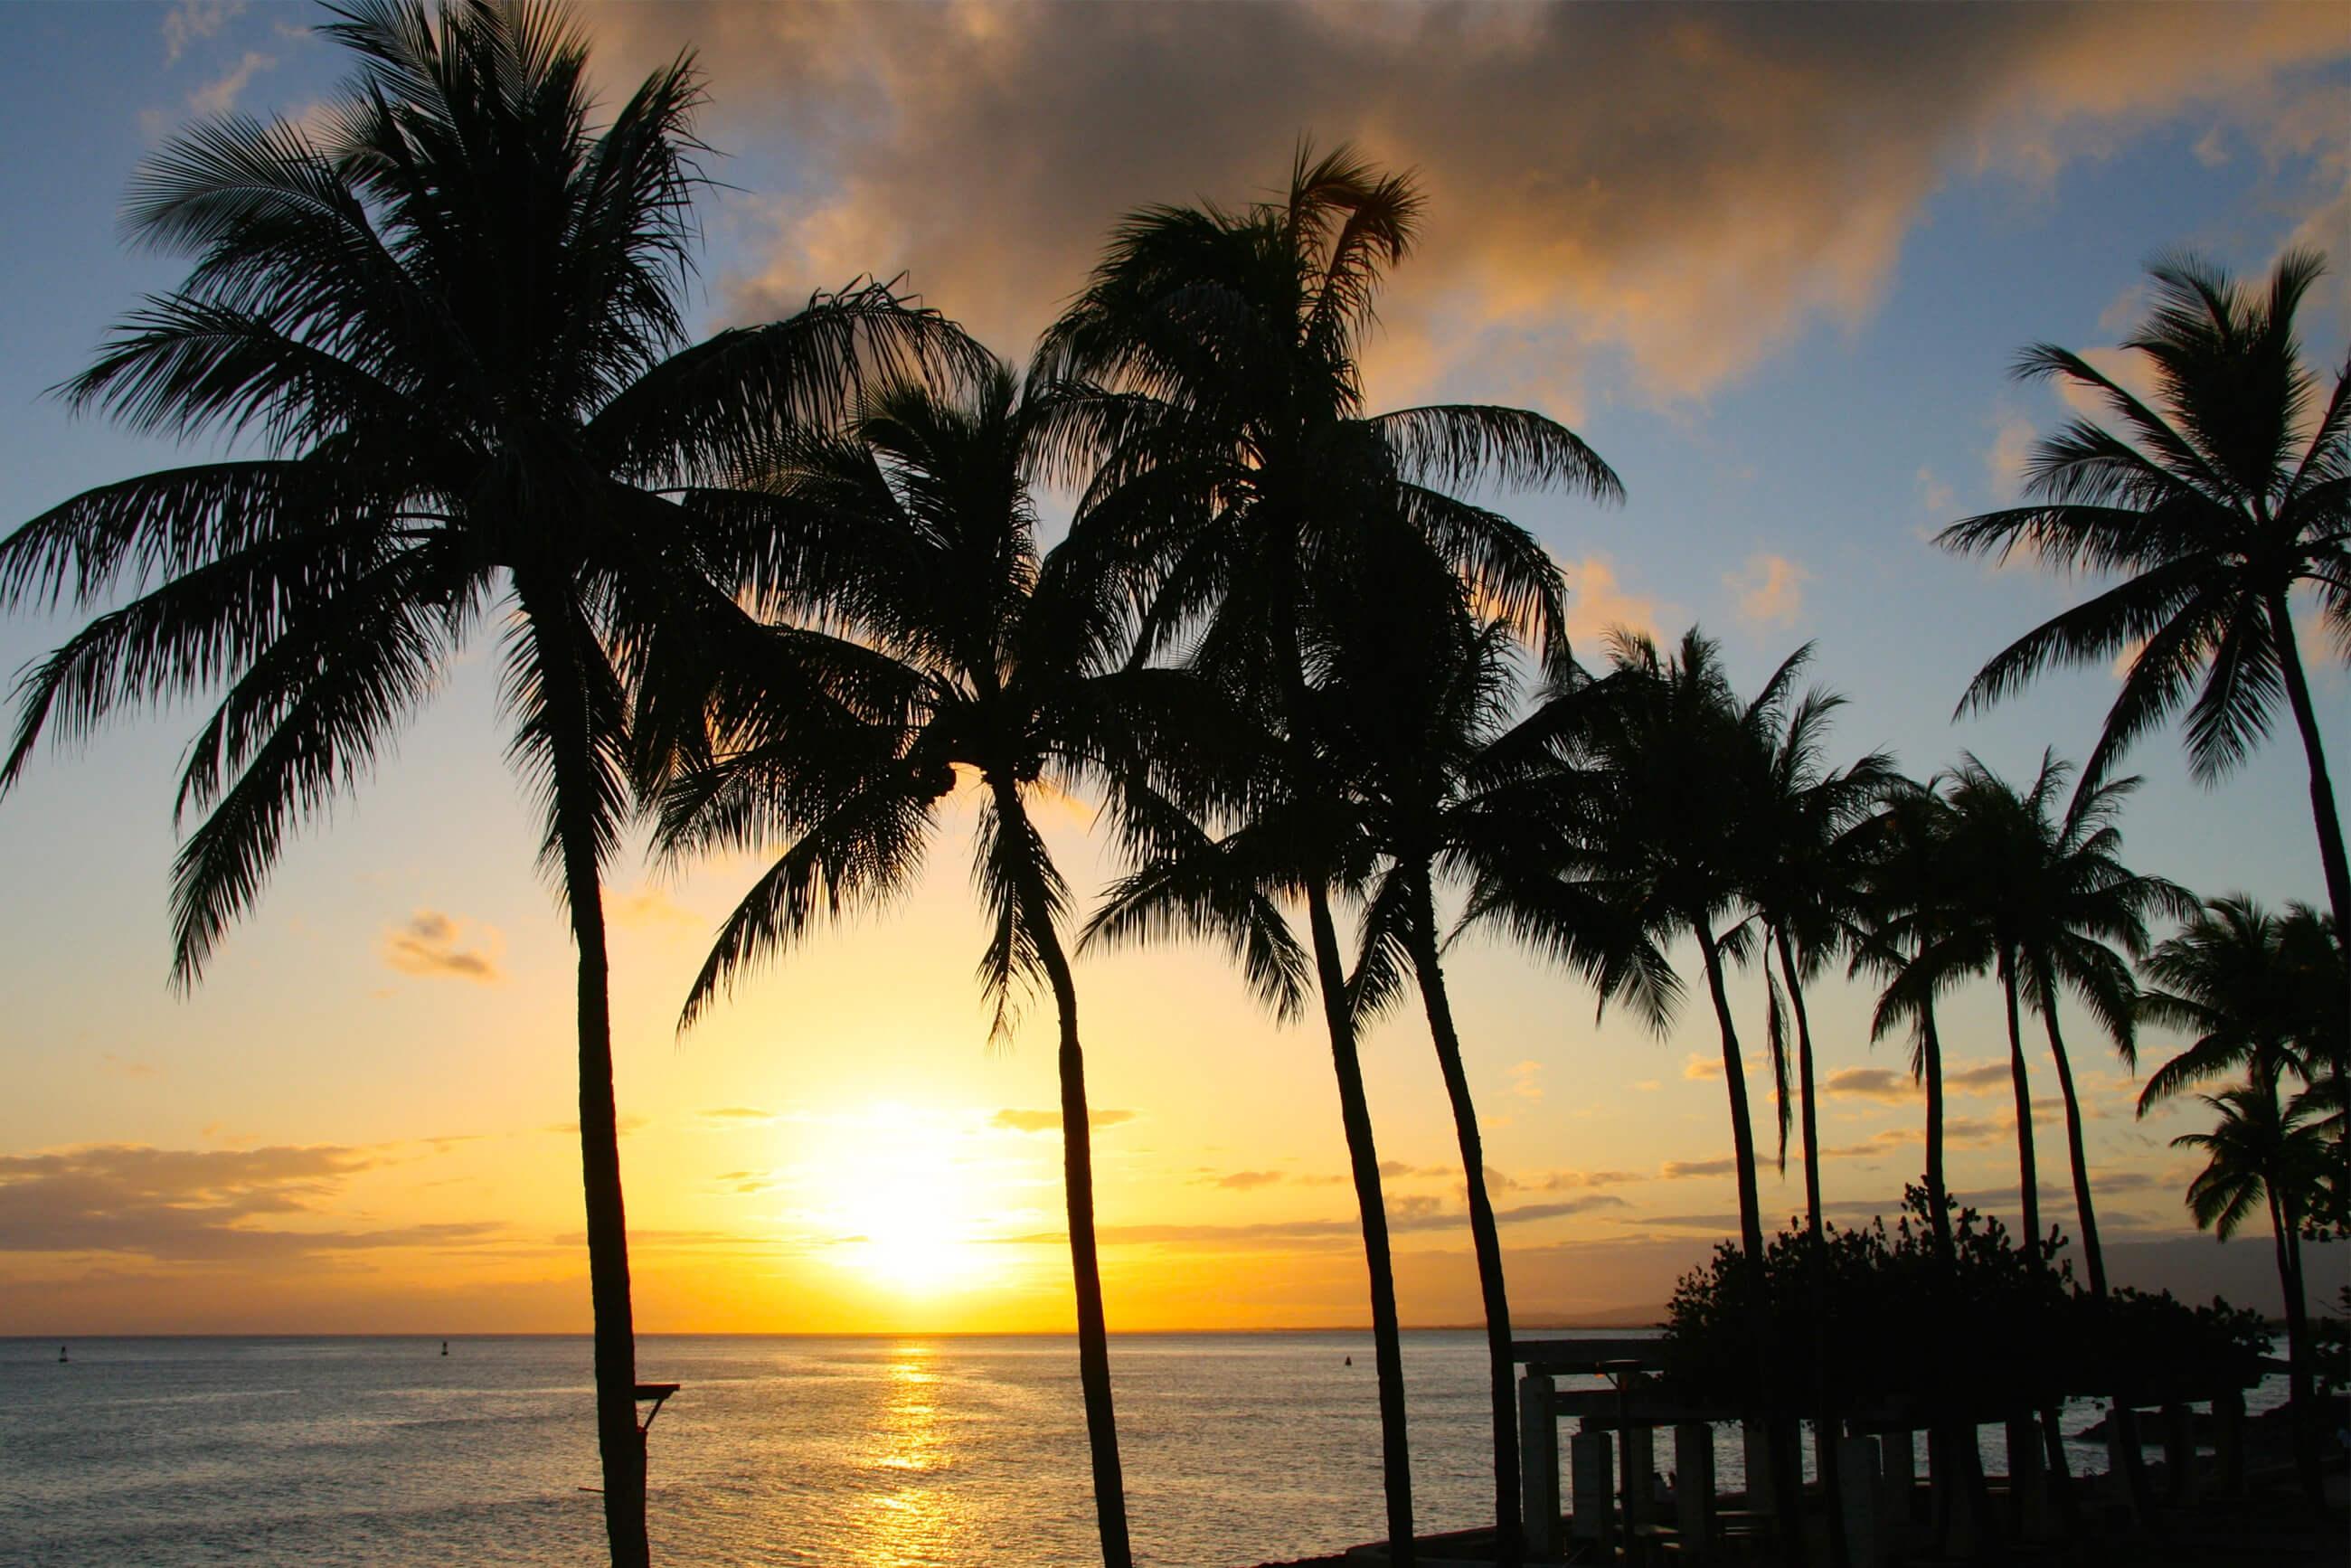 https://bubo.sk/uploads/galleries/16052/pxb_havaj_sunset-683294.jpg